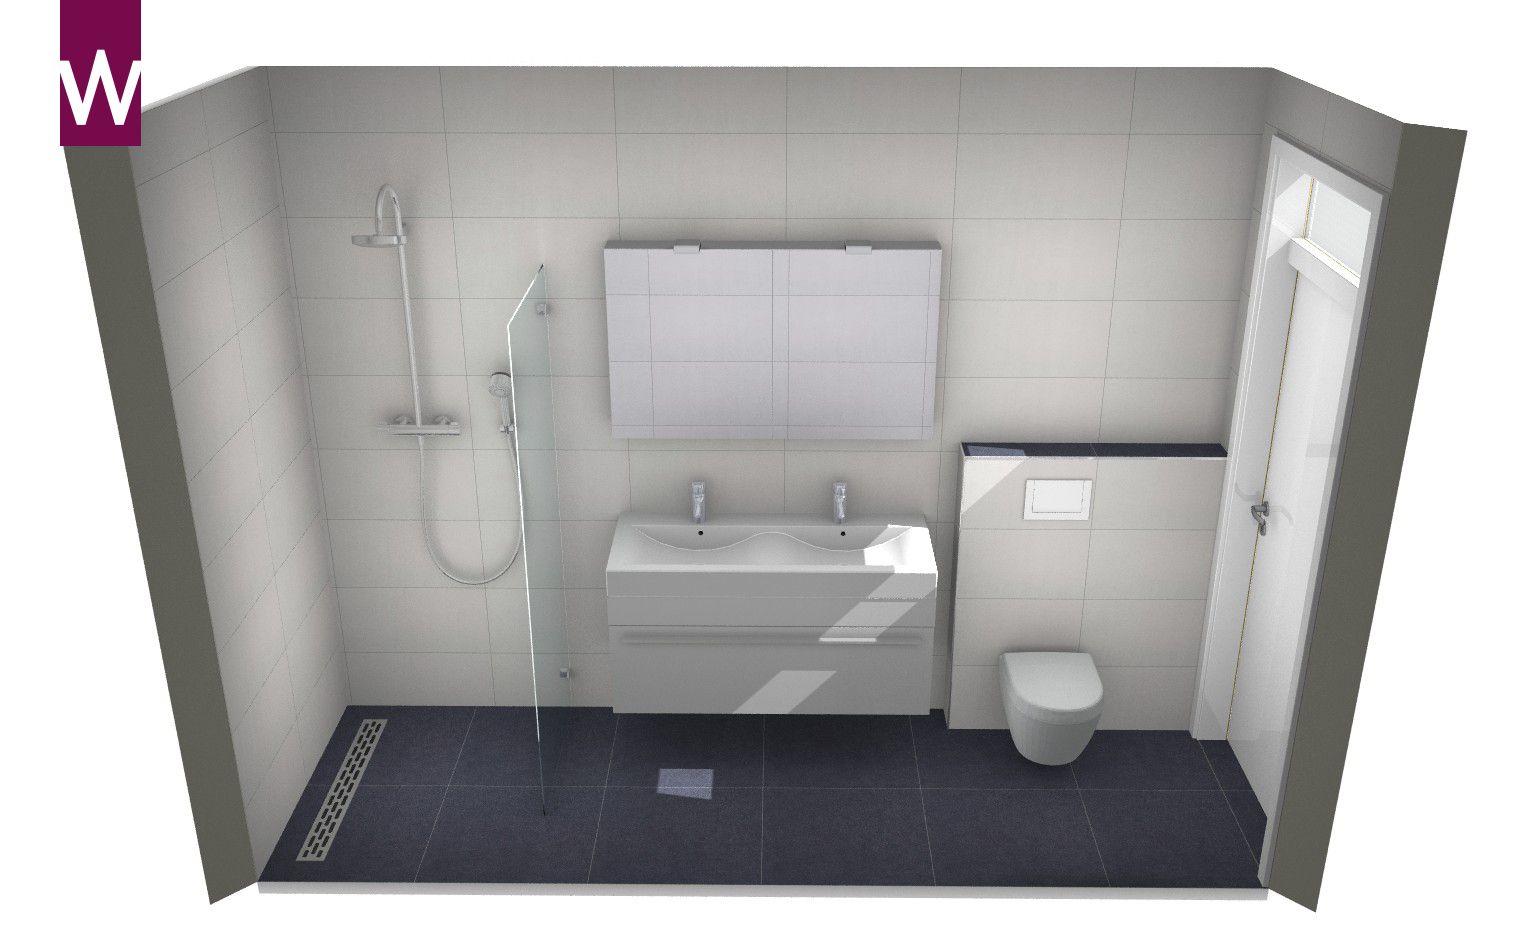 Badkamer Bad Afmetingen : Smalle kleine badkamer met dubbele wastafel wandcloset en